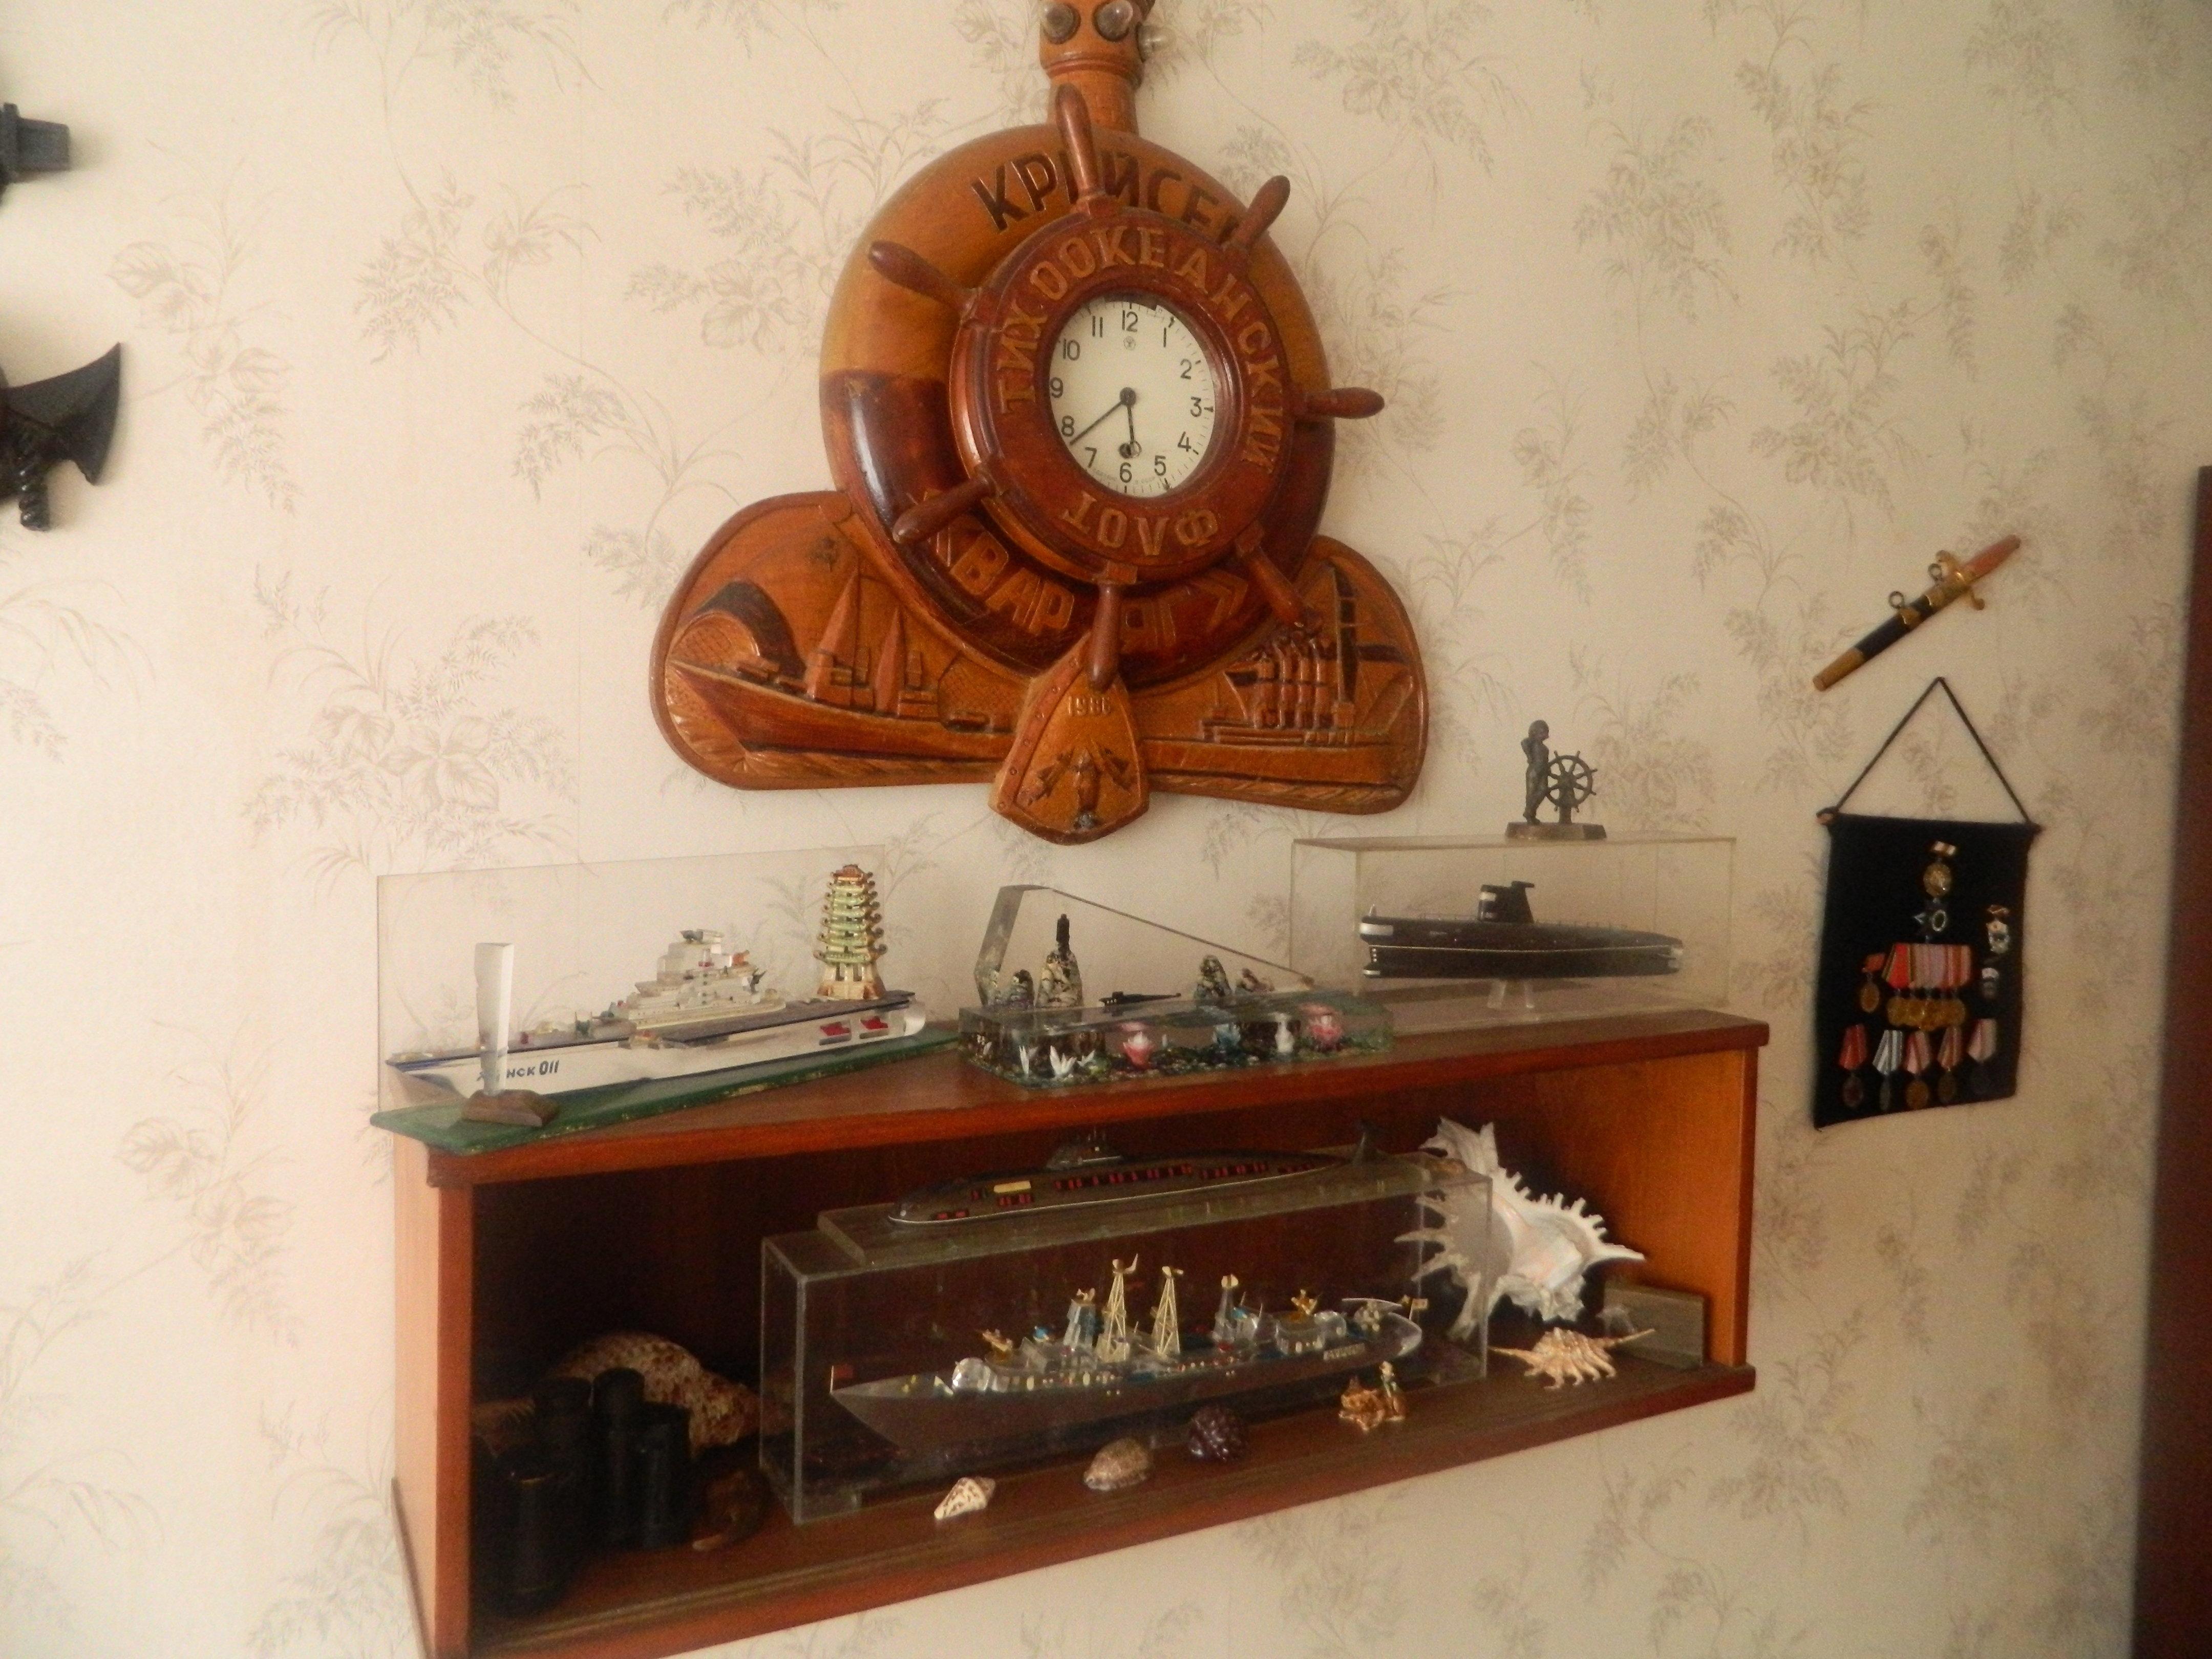 ალექსანდრე ჯავახიშვილის მოგონებების კუთხე წყნარი ოკეანის ფლოტზე